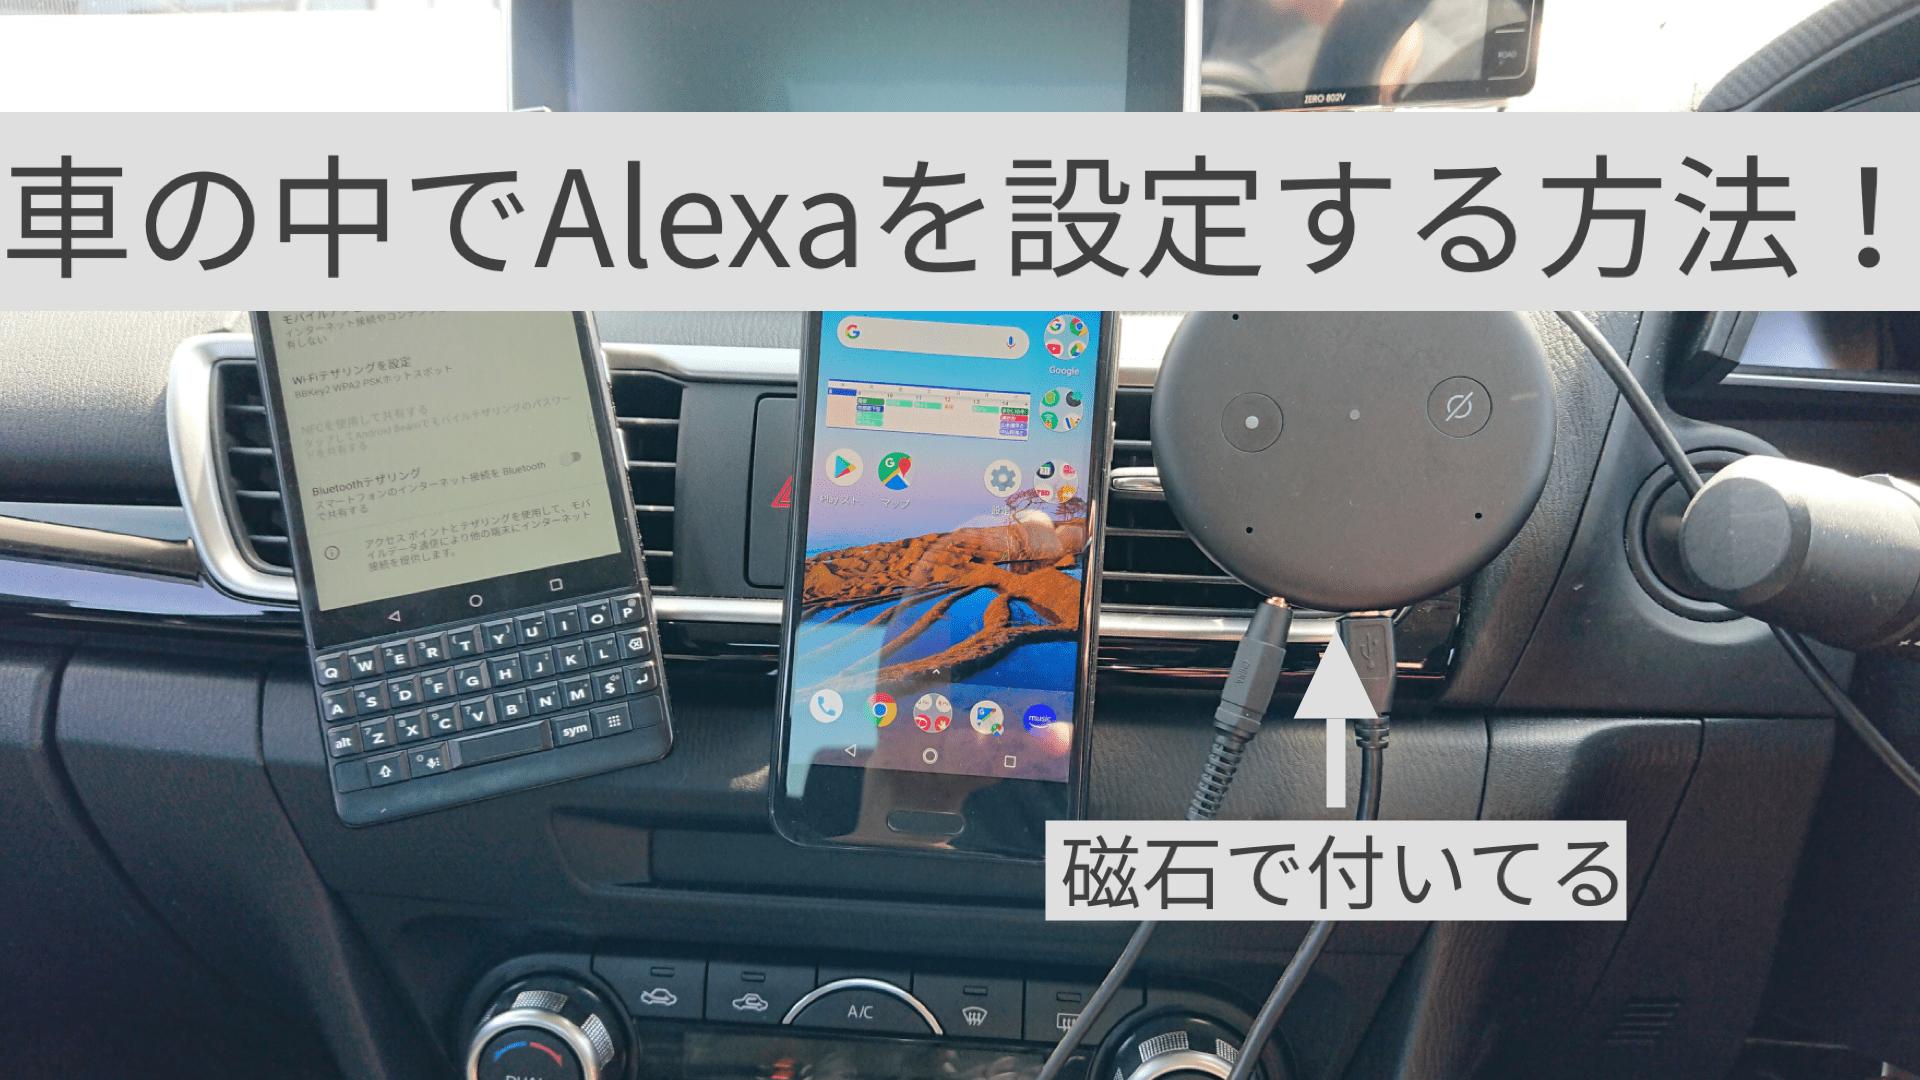 gadget - Echo Input で車内にAlexaを導入する方法